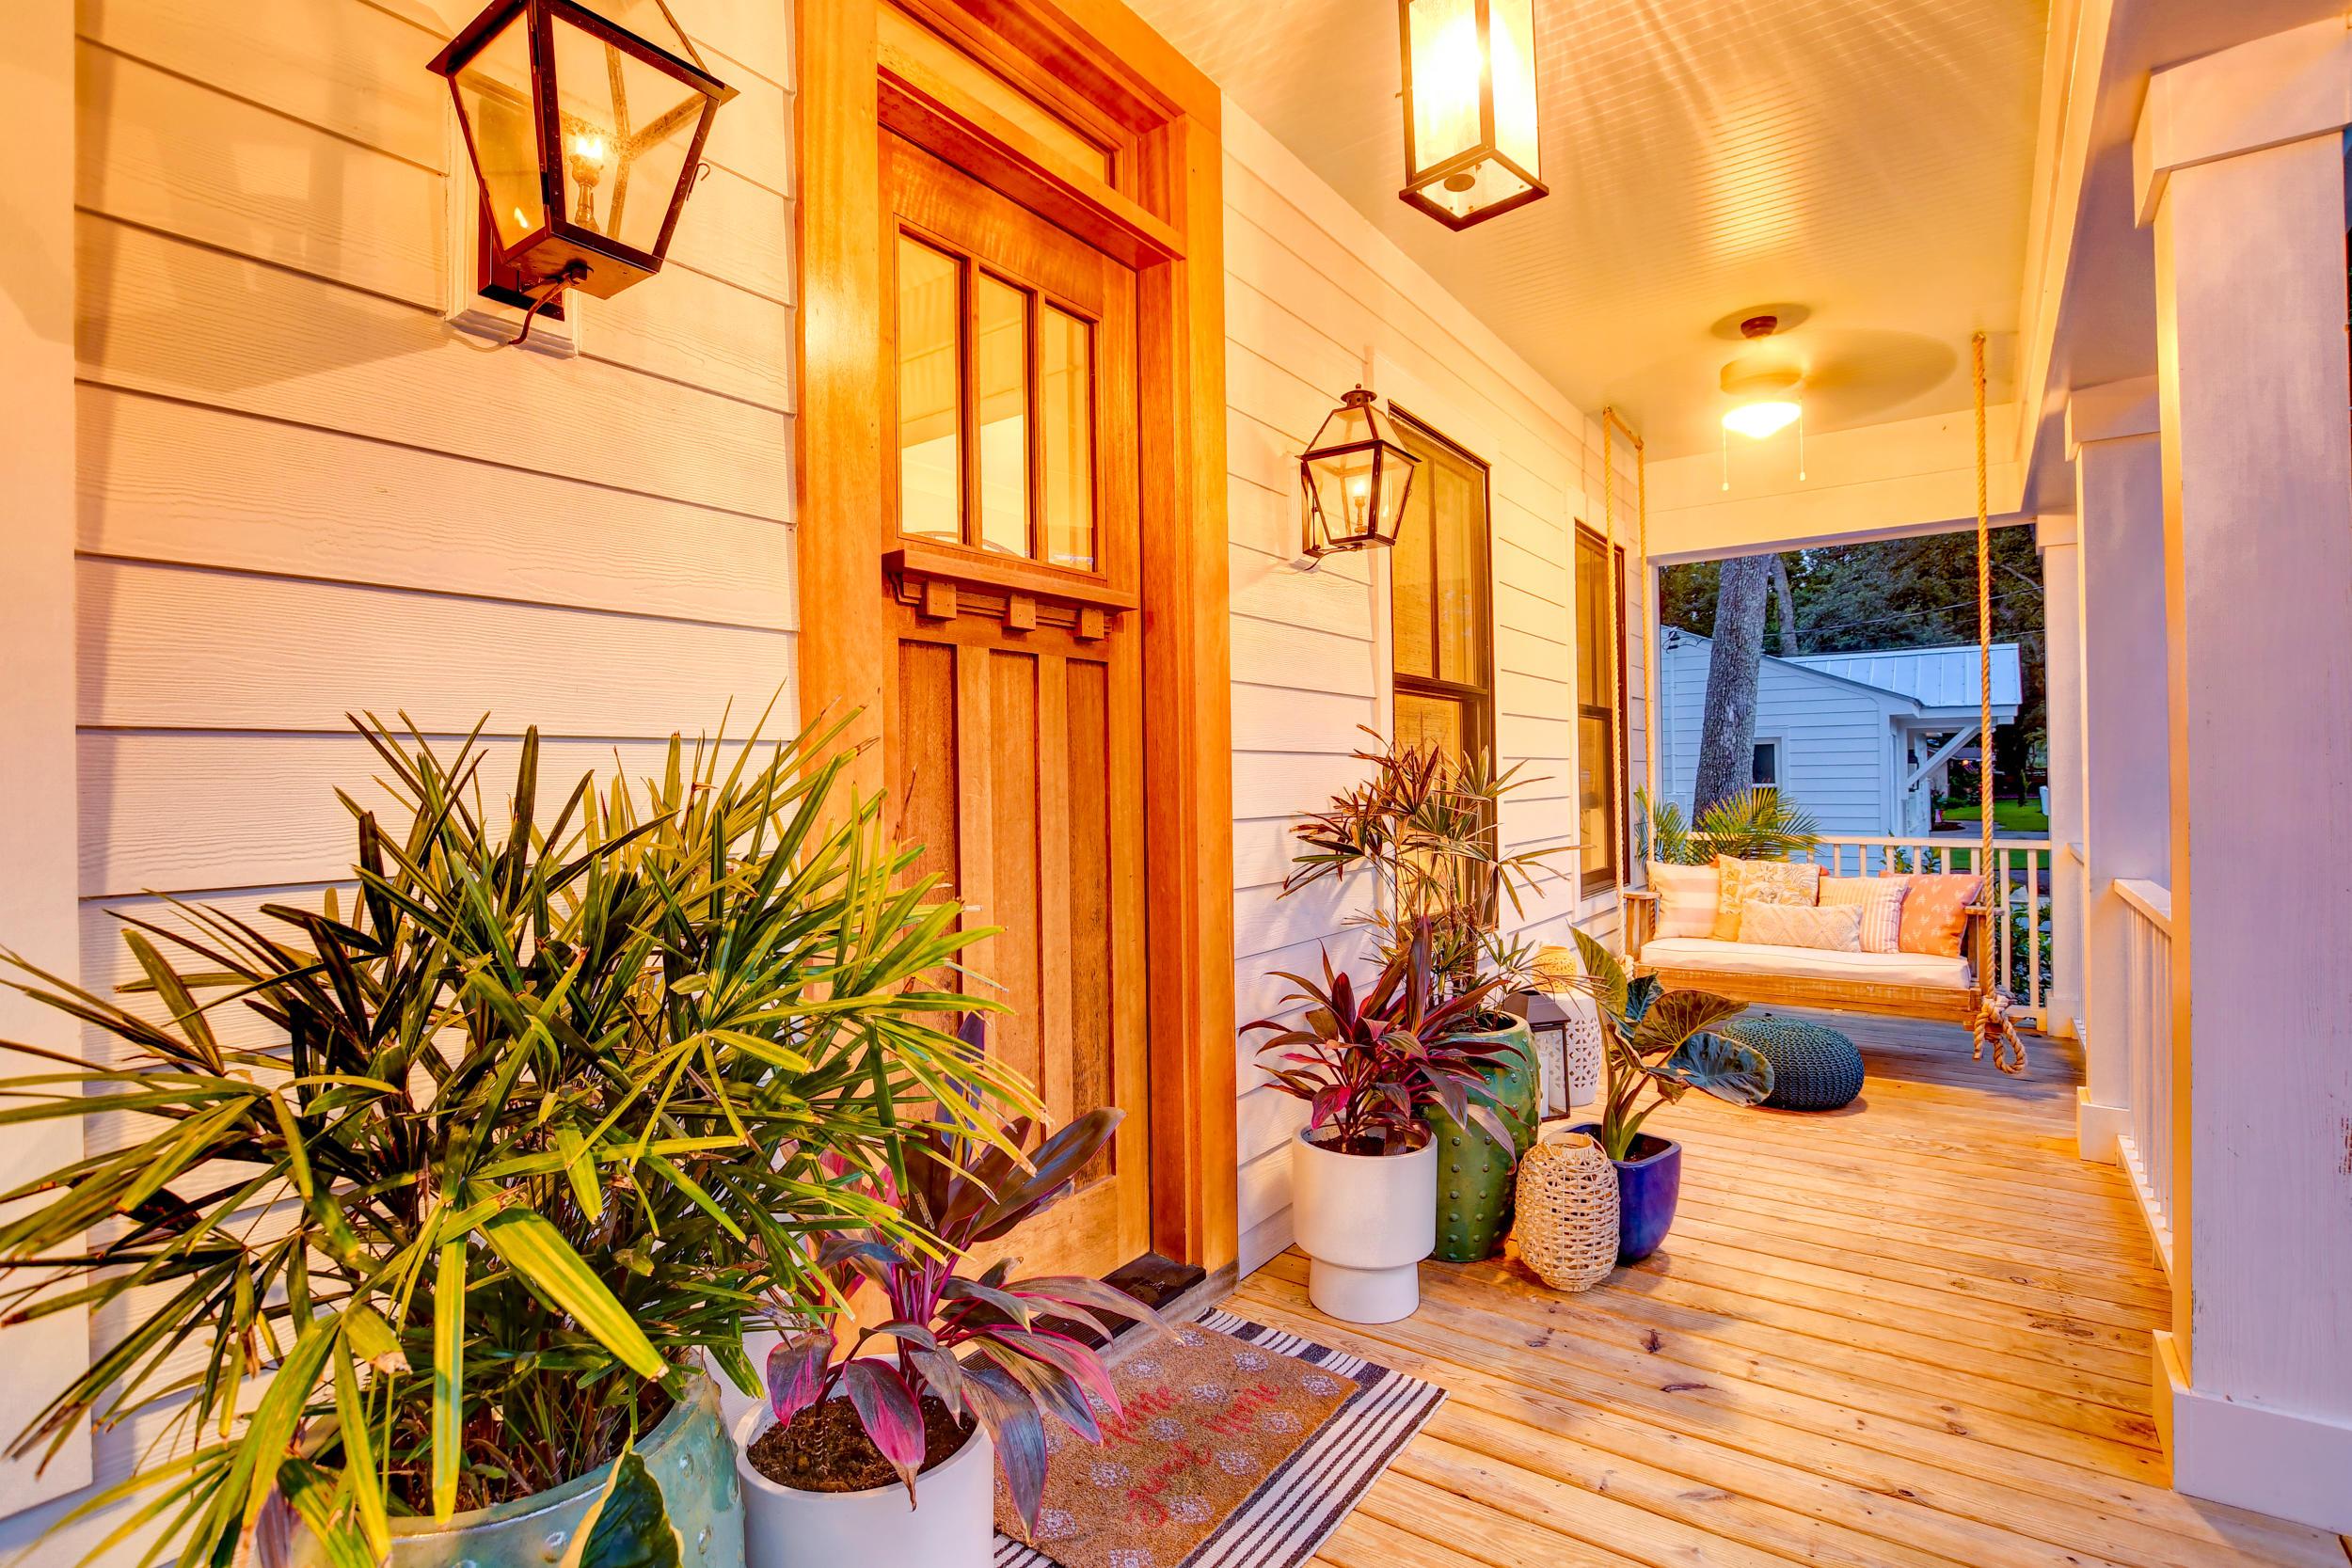 Old Mt Pleasant Homes For Sale - 753 Mccants, Mount Pleasant, SC - 24